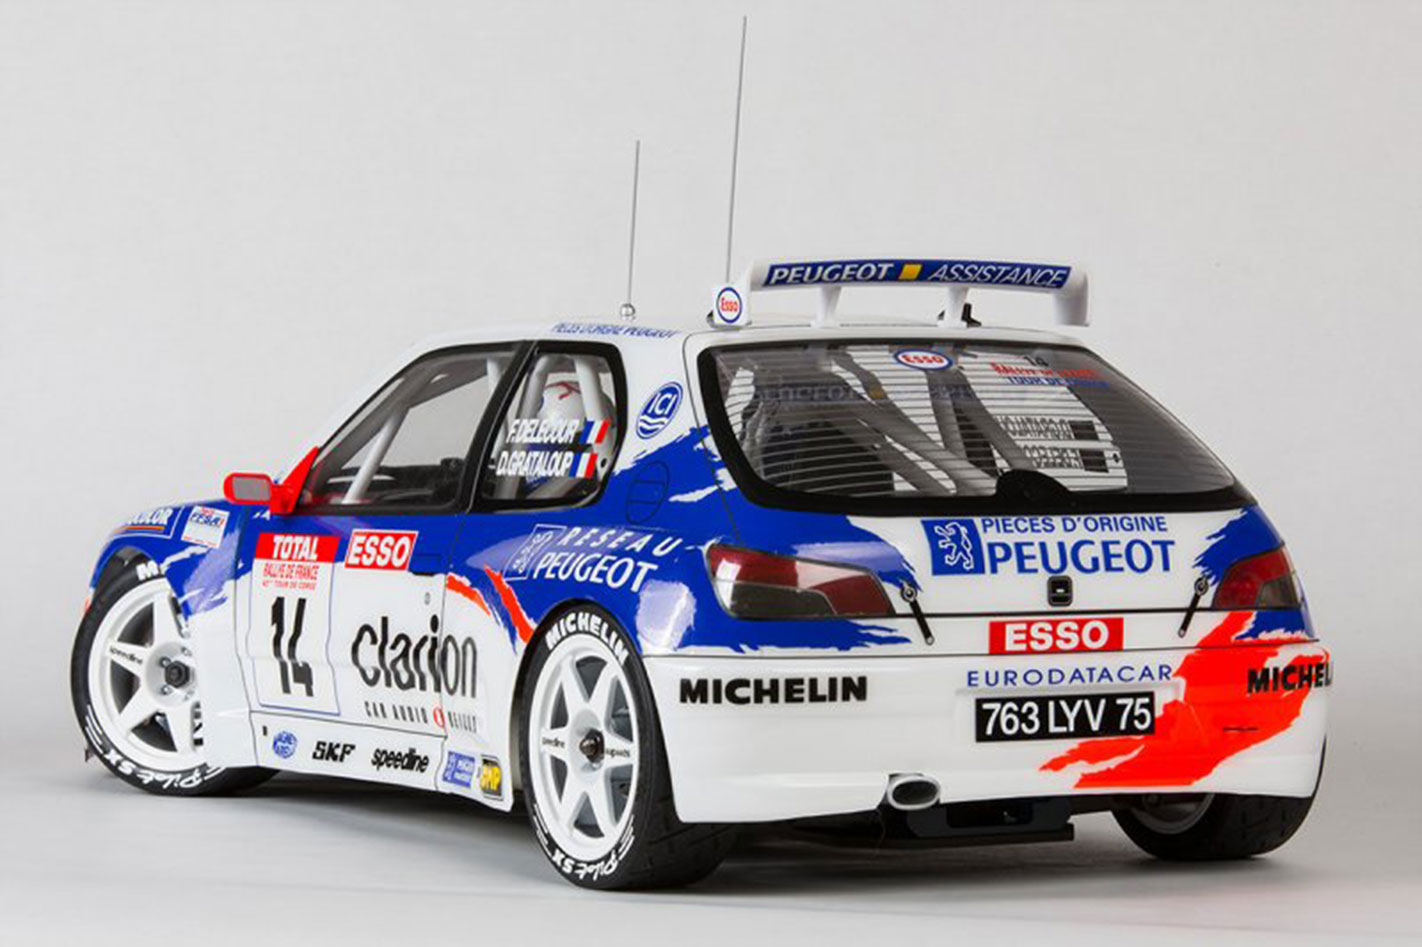 Peugeot -306-Maxi -rear